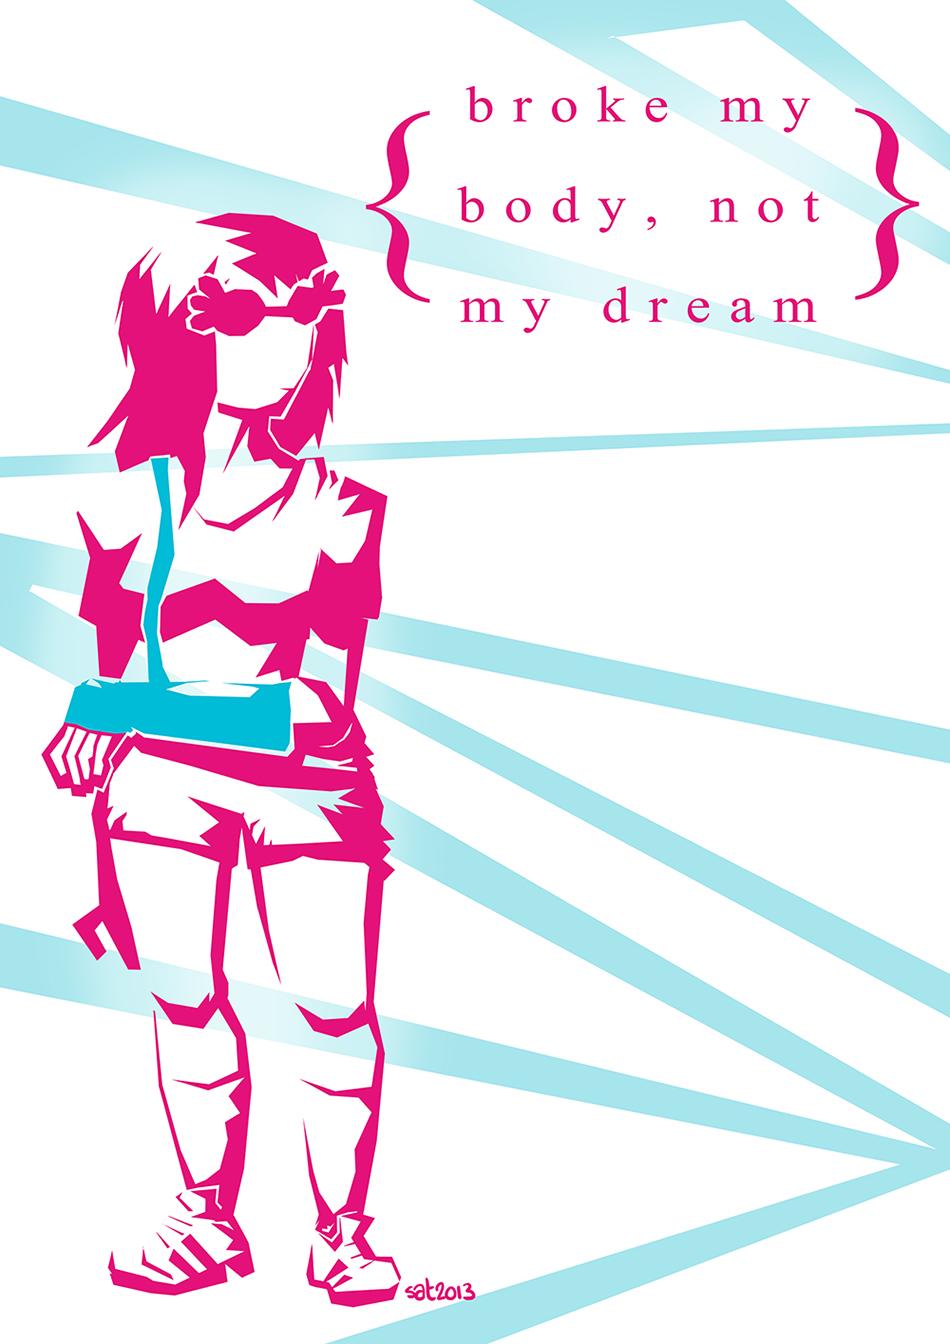 Broke my body, not